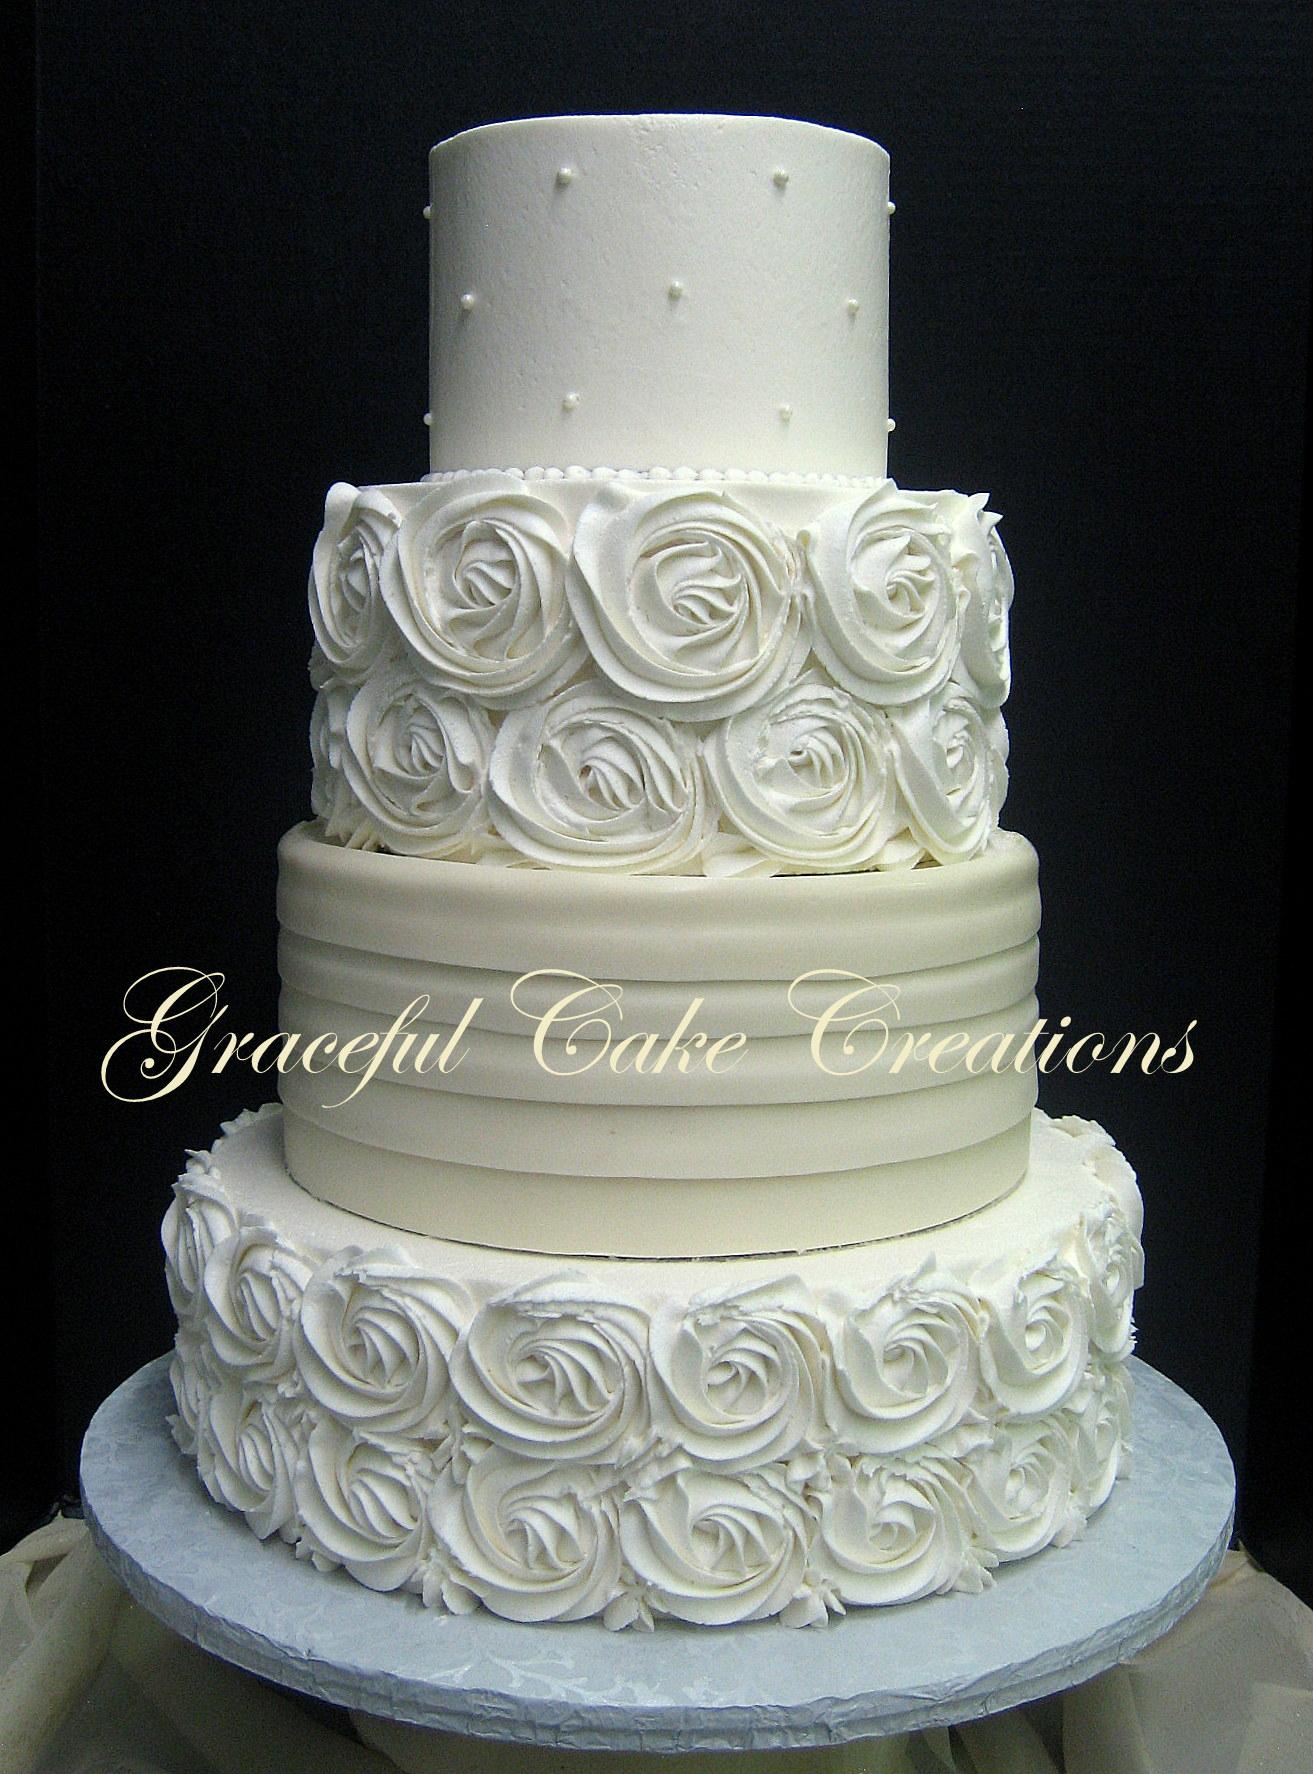 Elegant Ivory Wedding Cake with Rosettes